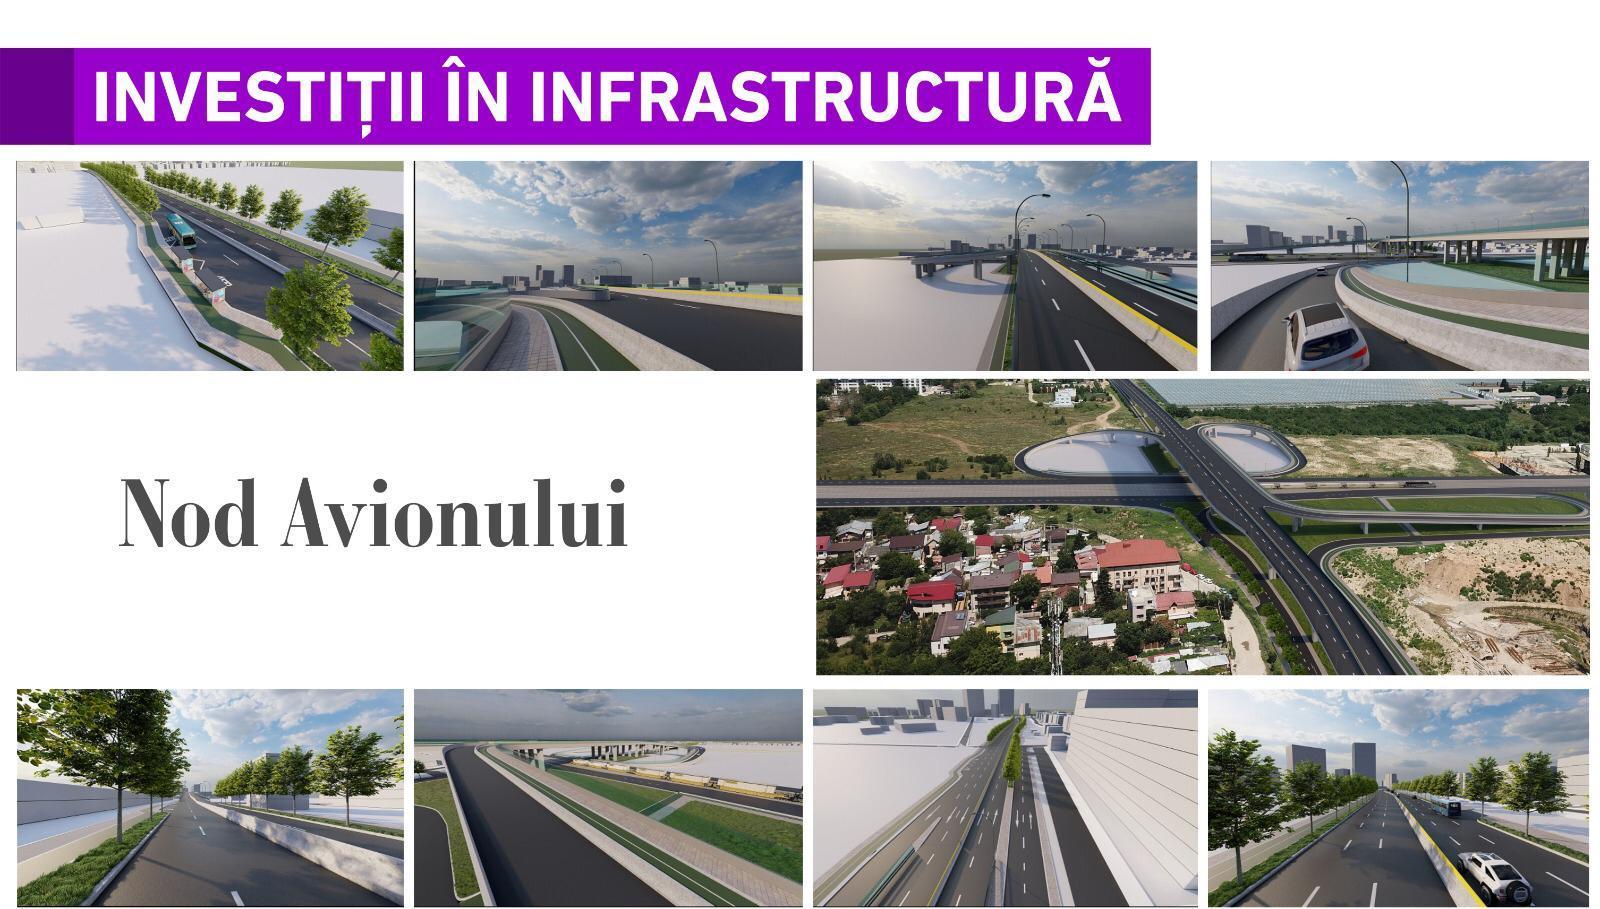 Nod Avionului  Proiectul reprezintă soluția de infrastructură care închide inelul median de circulație din Nordul Capitalei.  A fost revizuit studiul de fezabilitate de către specialiștii Companiei Municipale Dezvoltare Durabilă București S.A., iar Consiliul General al Municipiului București a aprobat indicatorii tehnico-economici.  Proiectul presupune realizarea unui nod rutier lung de 1,7 km, din care aproape 500 de metri reprezintă un pasaj suprateran.   Costurile sunt estimate la peste 90 de milioane de euro, din care aproape jumătate înseamnă exproprierile necesare în zonă.